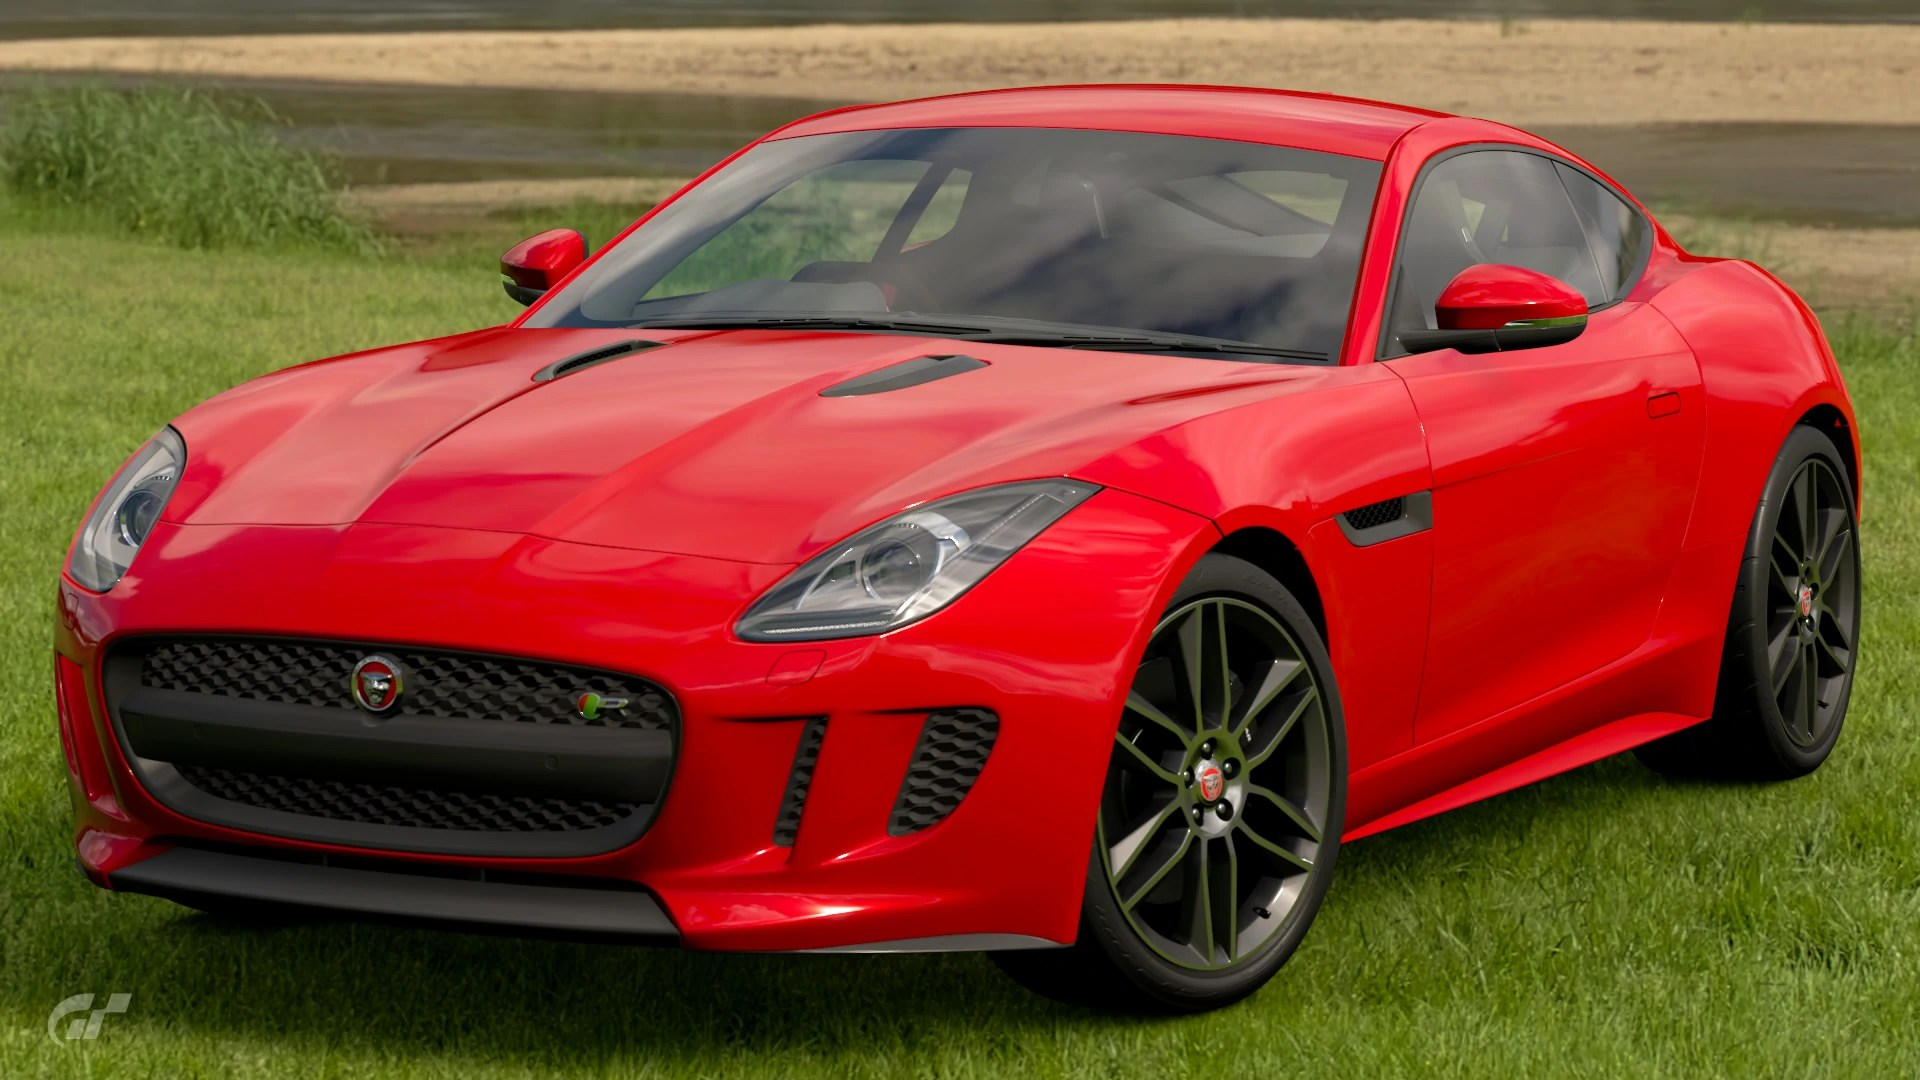 jaguar f type r coupe 14 [ 1920 x 1080 Pixel ]